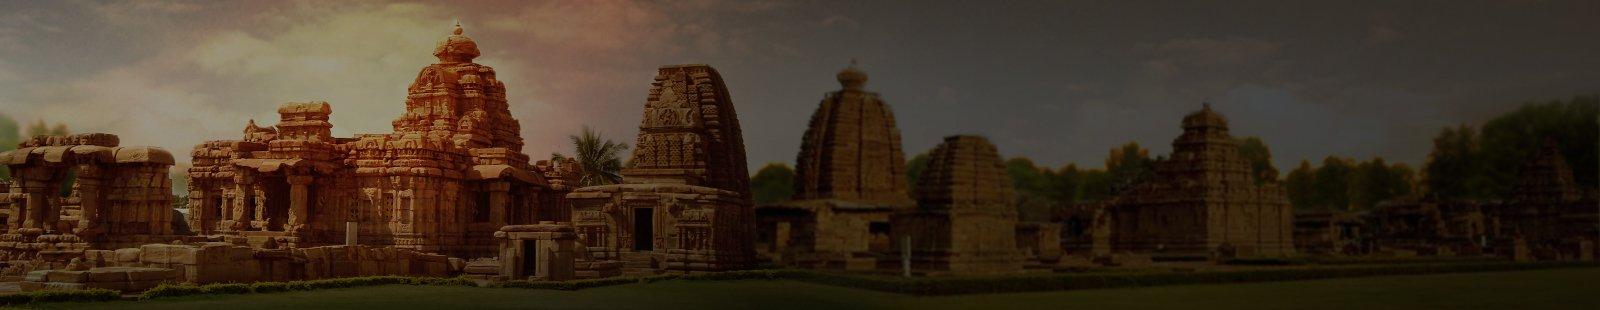 Sri RamaLayam